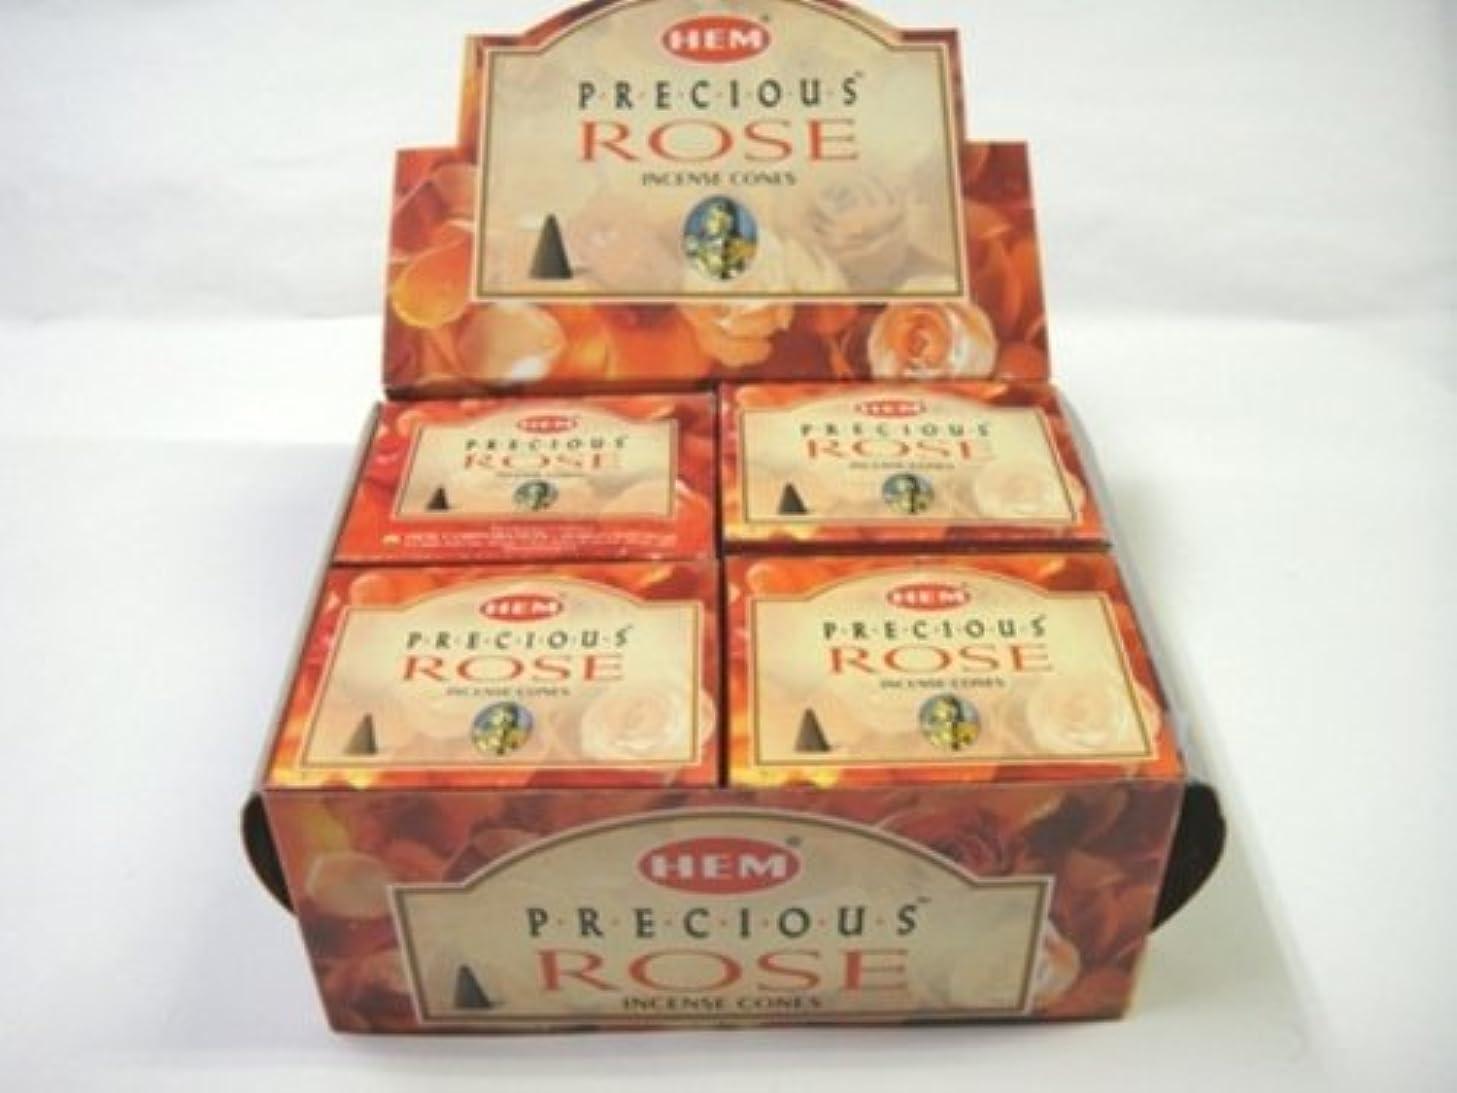 ファシズムコンベンション九時四十五分HEM お香 プレシャスローズ コーンタイプ 1ケース(12箱入り) お香薔薇